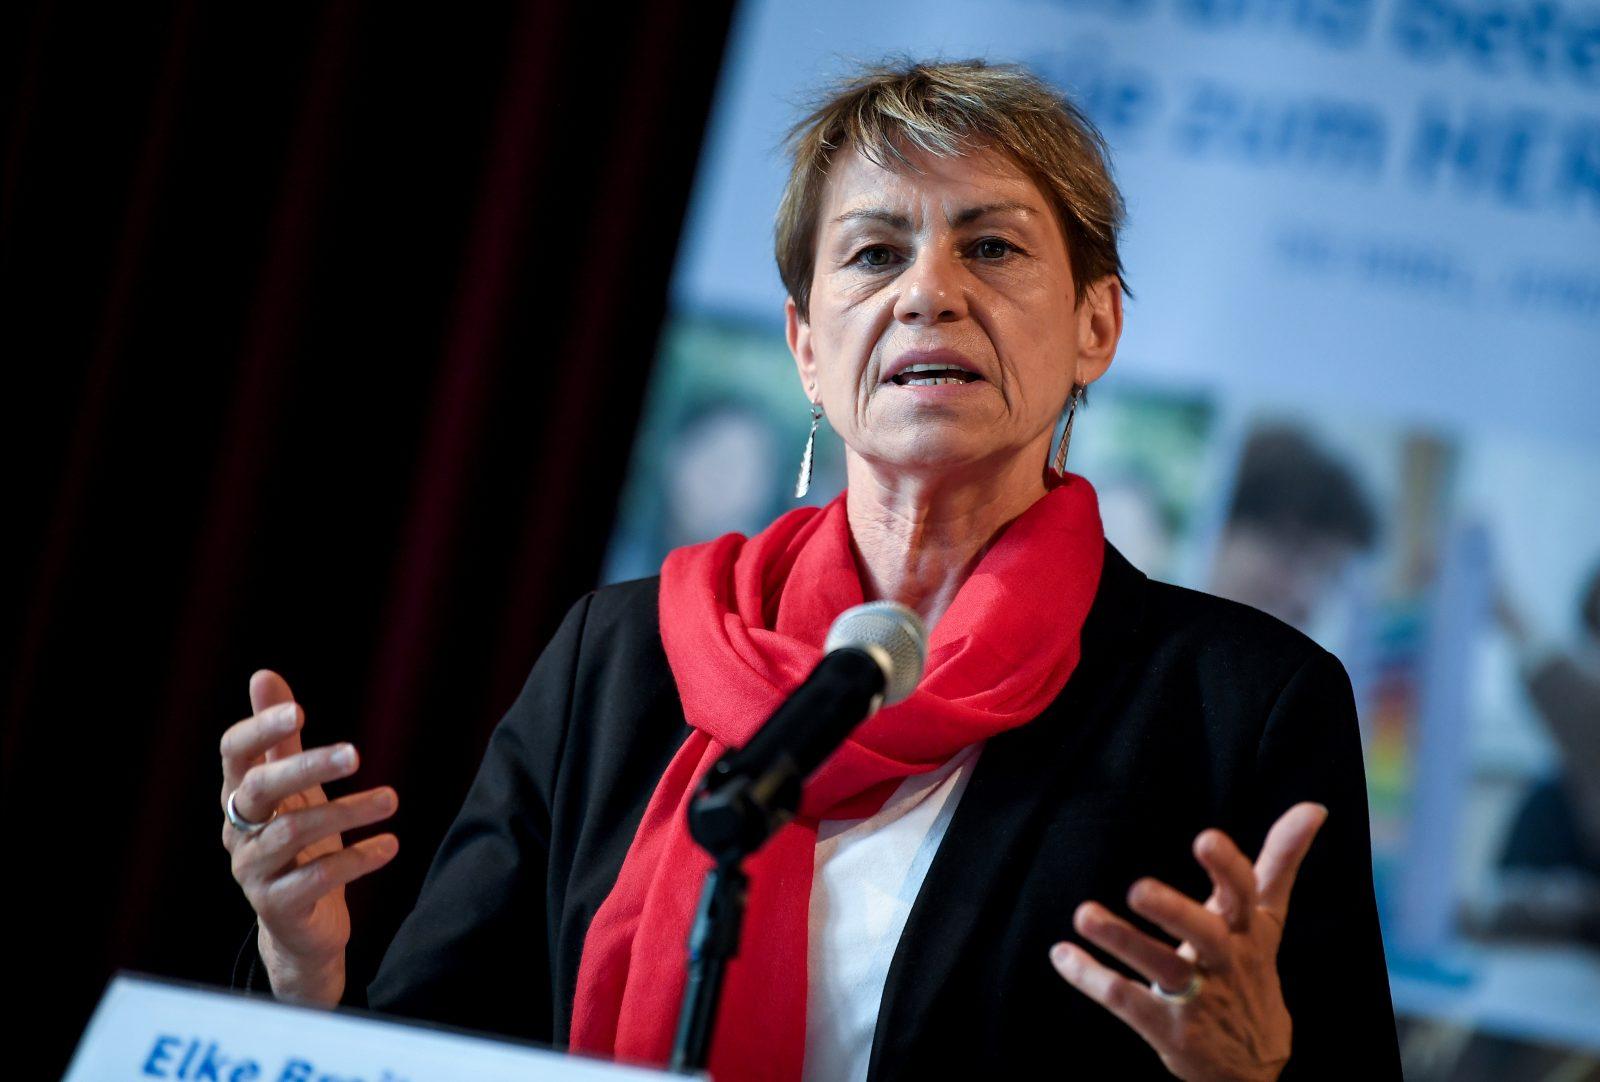 Elke Breitenbach (Linkspartei): Plant Migrantenquote